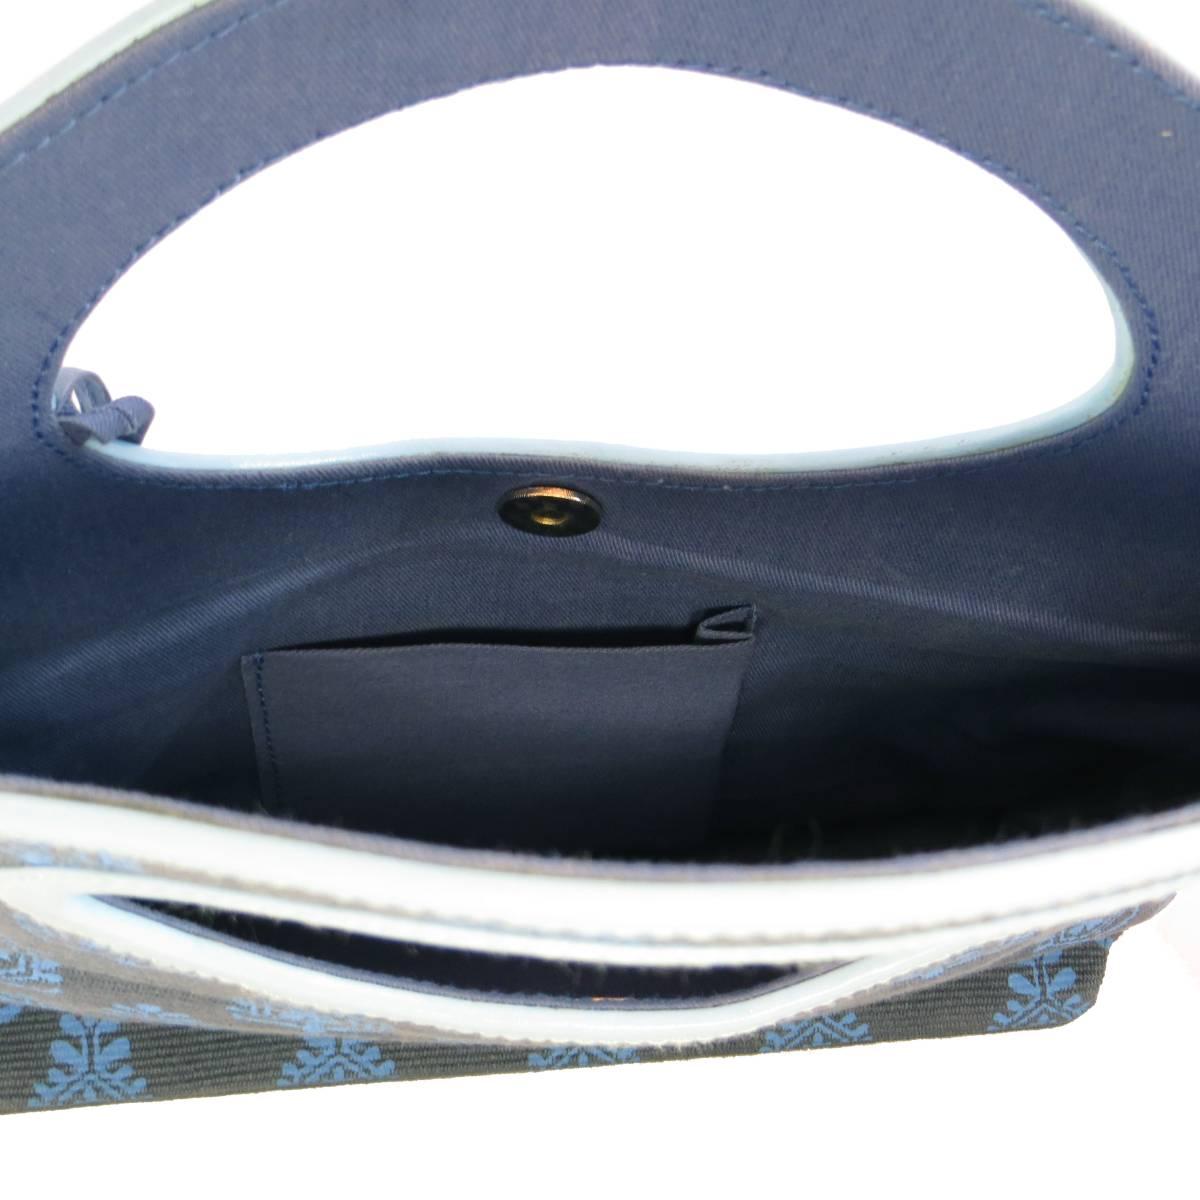 バッグ レディース 新品 本革 牛革とジュート製 エスニックプリント 海外 ブランド 送料無料 (621)_画像7